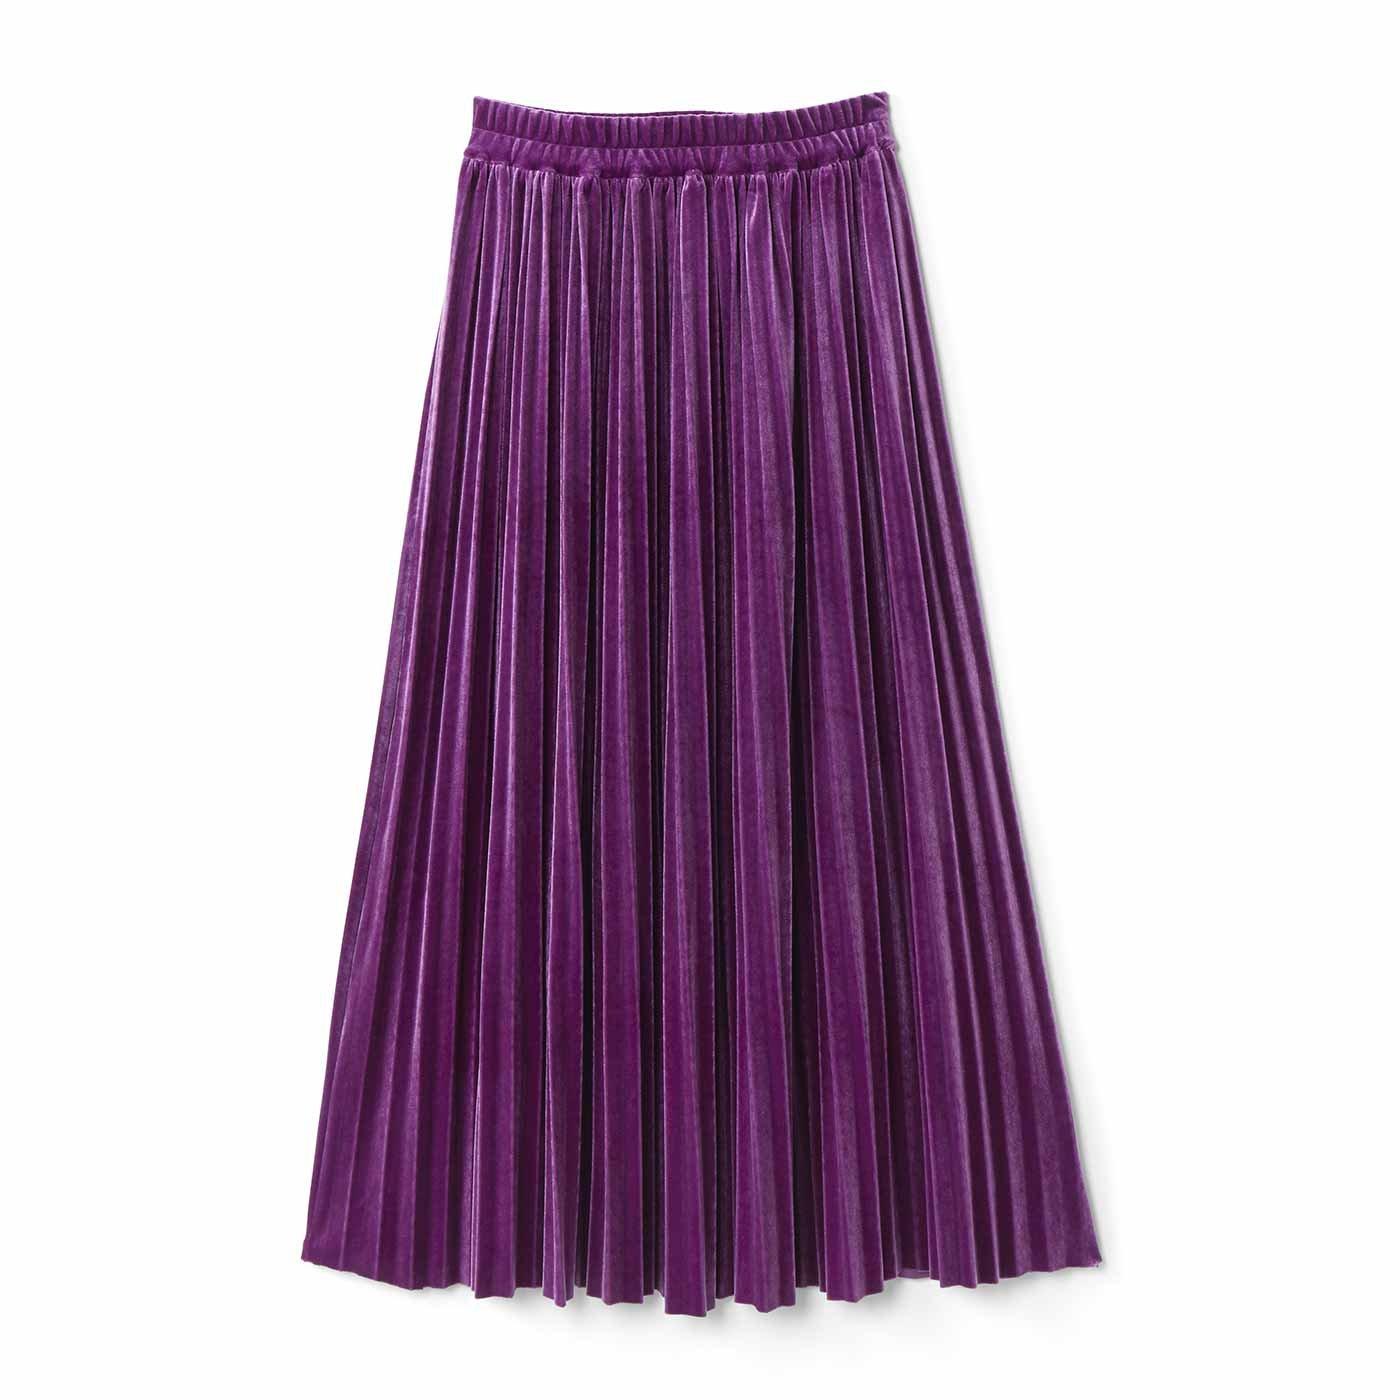 IEDIT[イディット] 上品な光沢のベロアプリーツスカート〈パープル〉